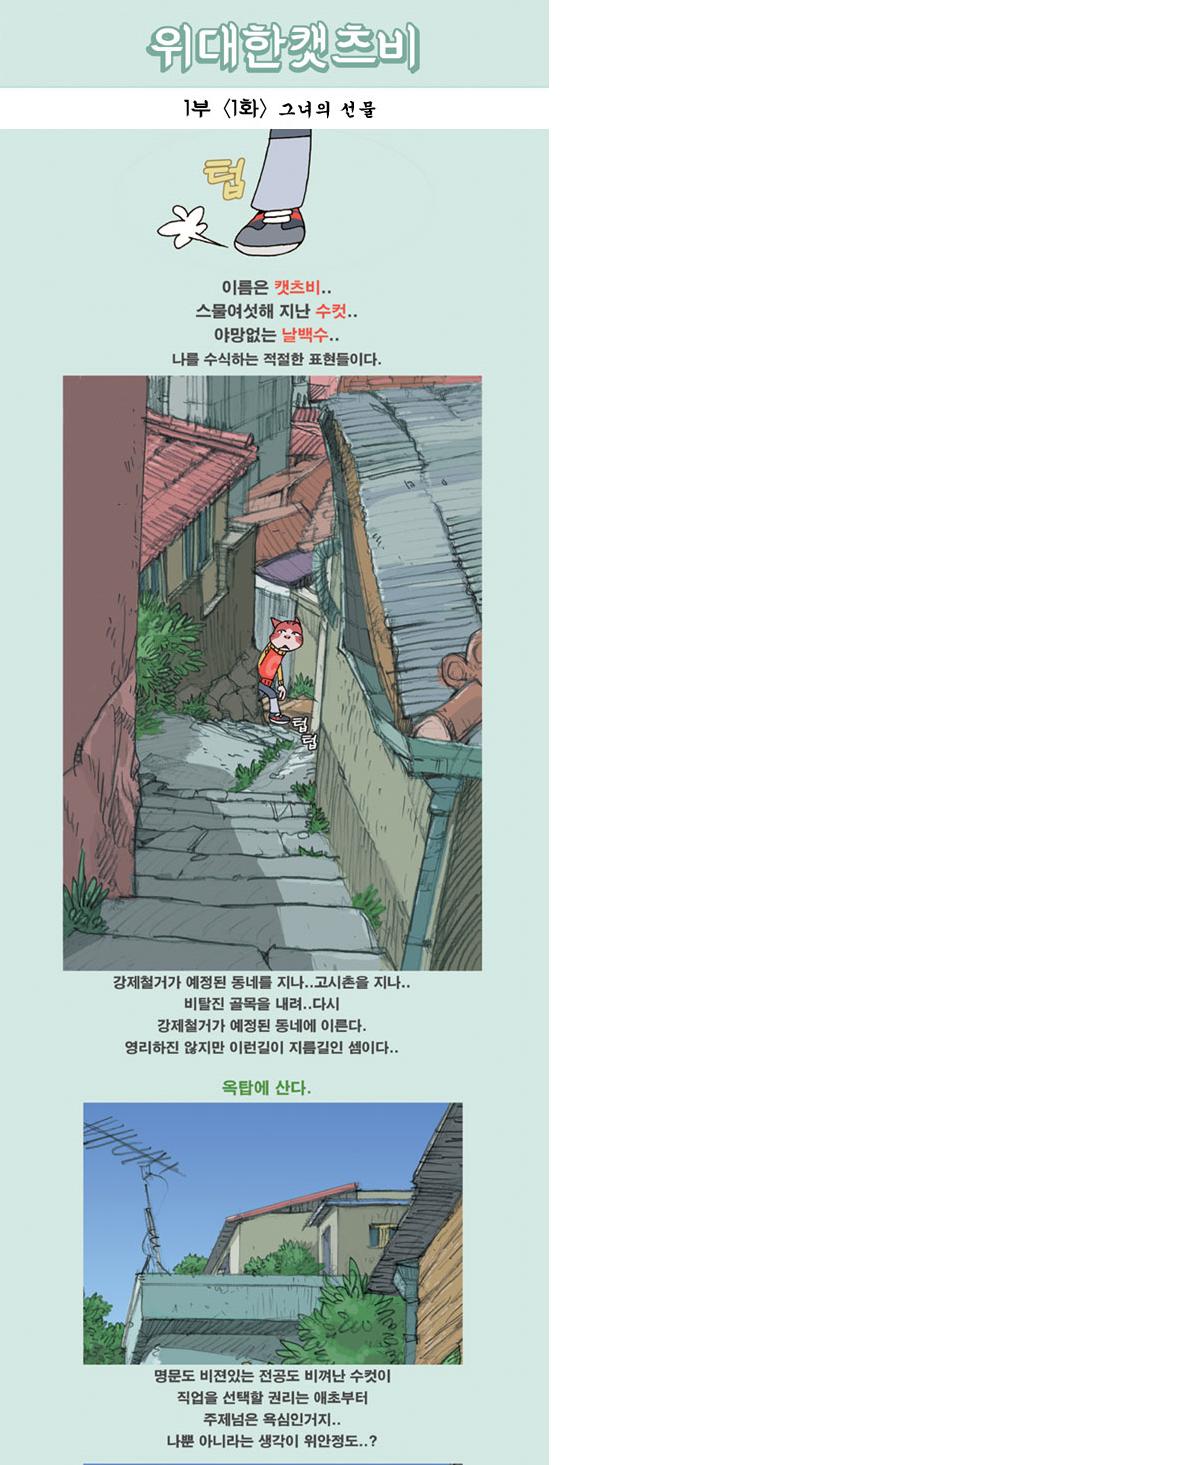 webtoon với bố cục dọc